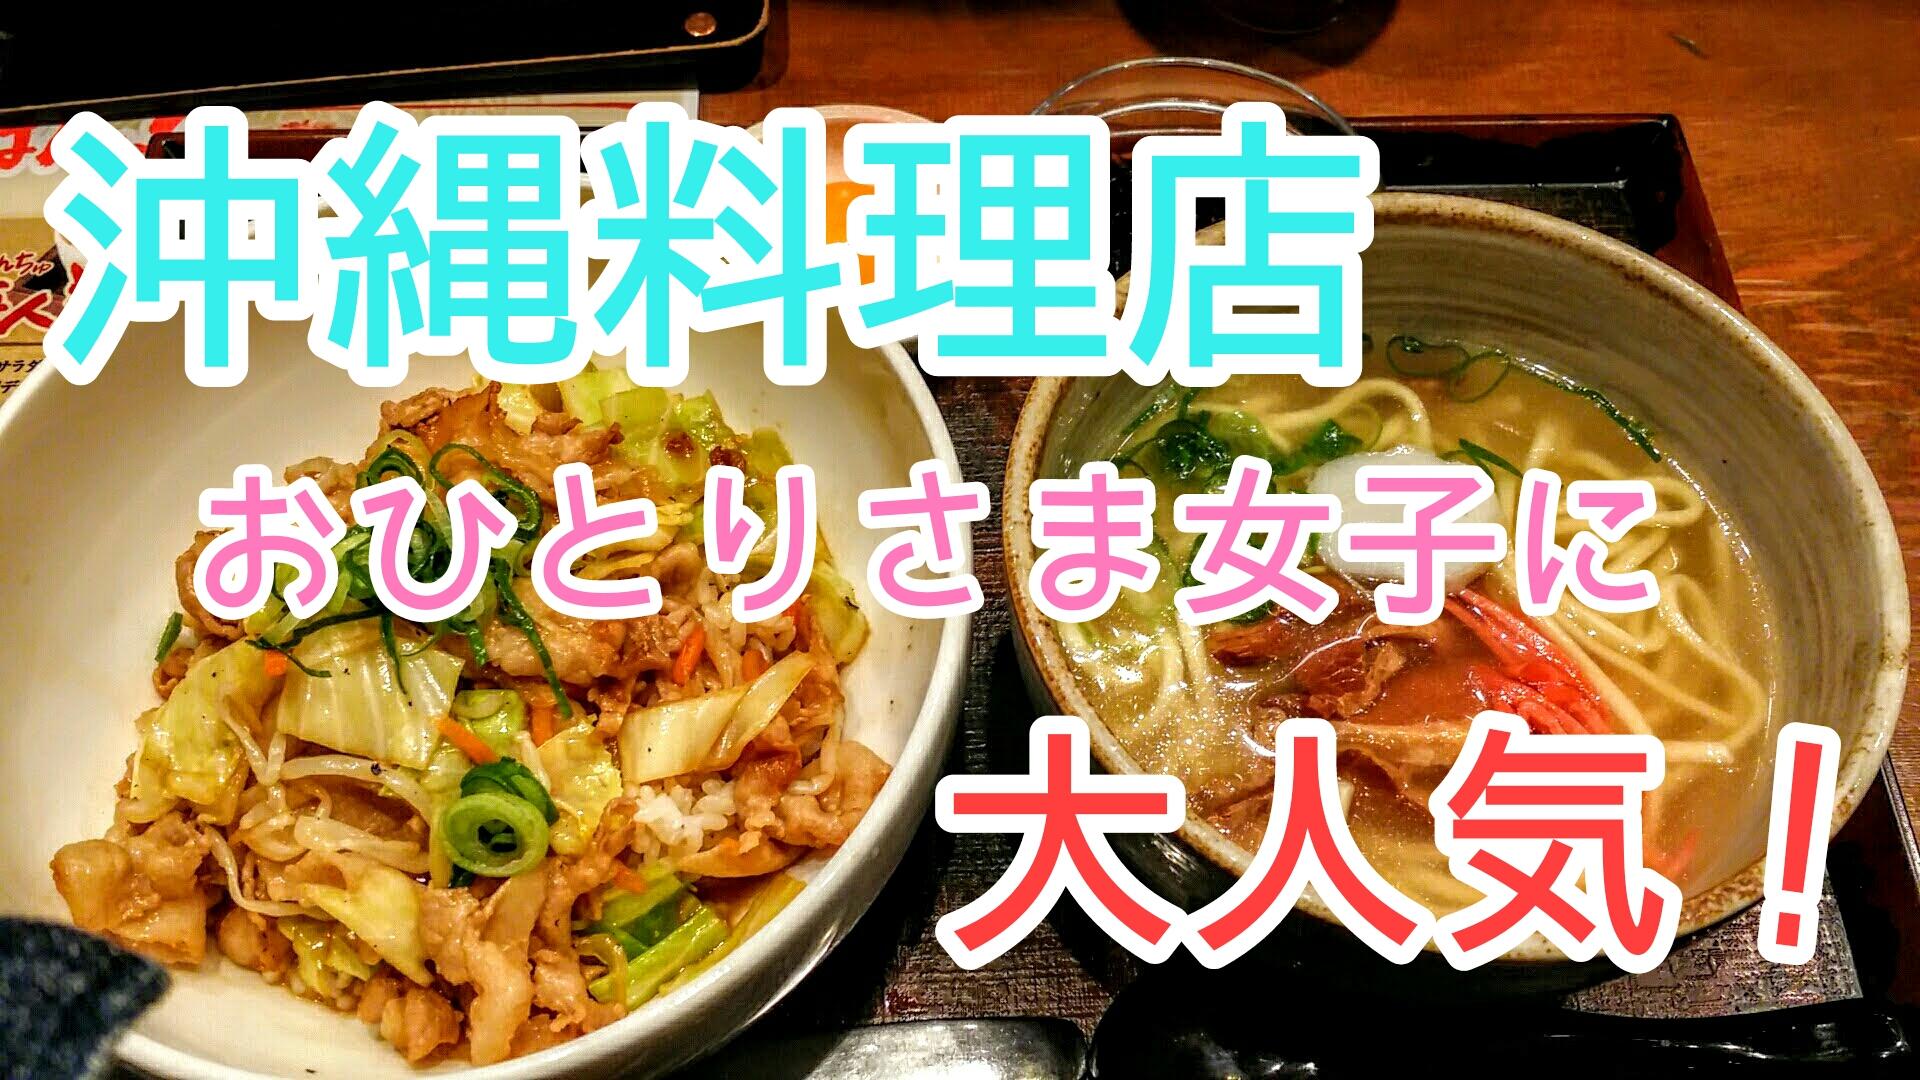 大阪梅田沖縄料理島ぬ風ランチ